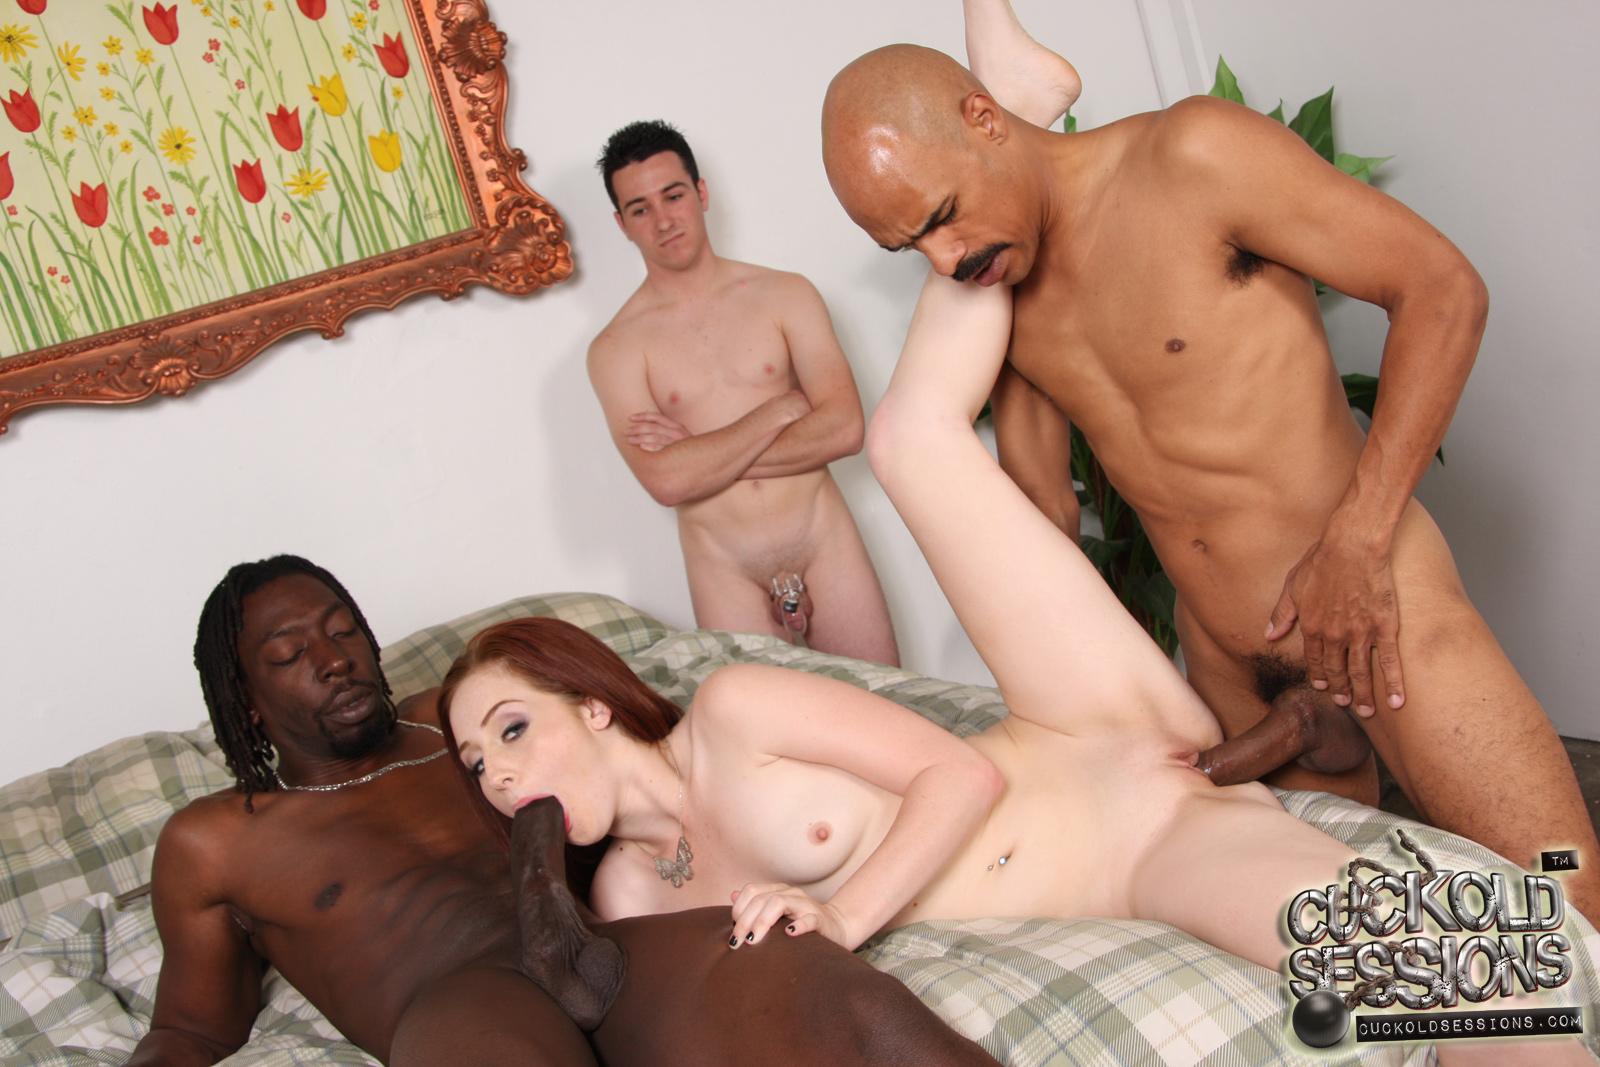 Threesome Big Tits Big Dick